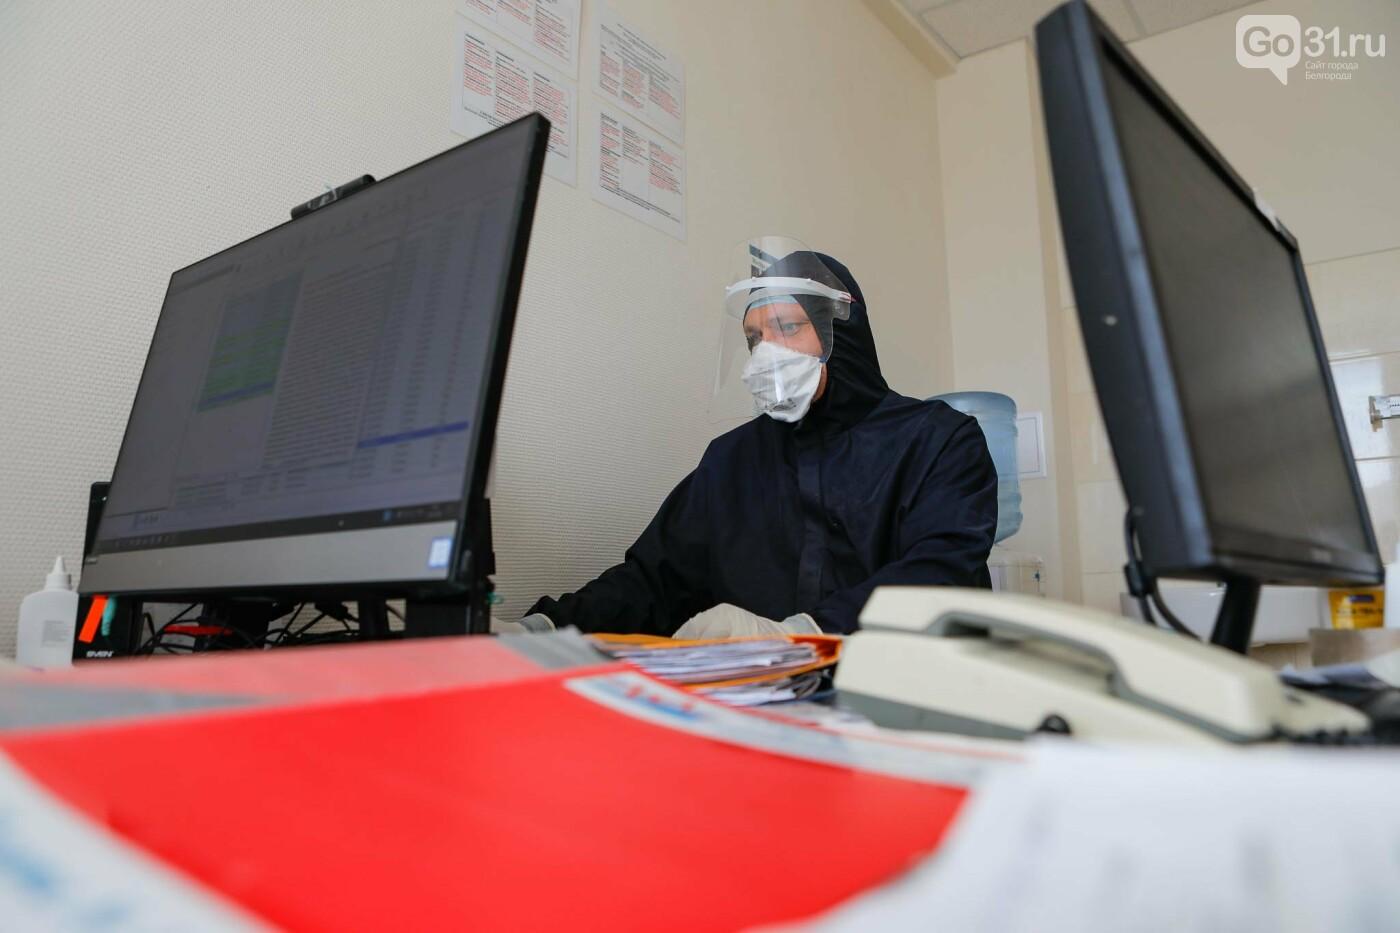 Что происходит в ковид-госпитале Белгорода. Фоторепортаж из «красной» зоны, фото-51, Фото: Антон Вергун